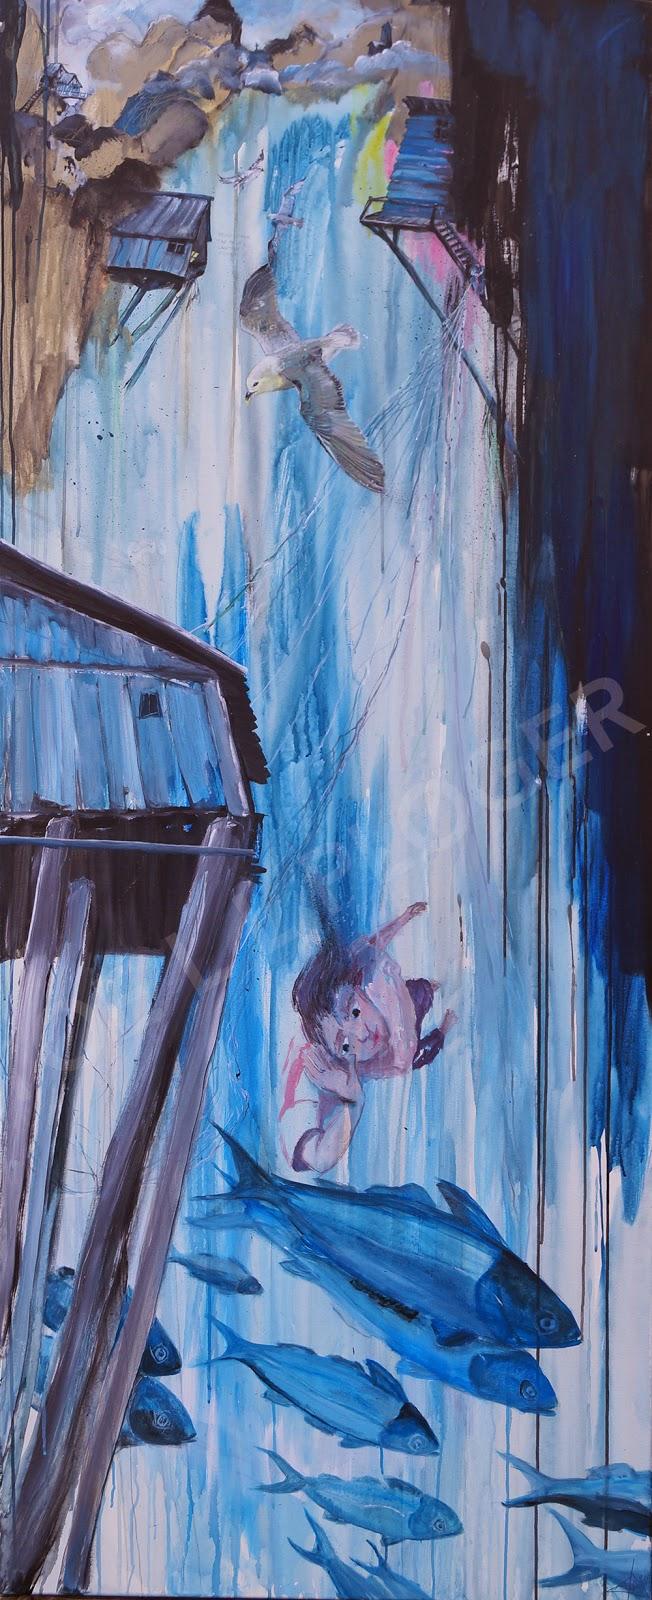 maleri, kunst, art, moderne kunst, abstrakt, blå, fisker, lykke, fisk, malamuk,